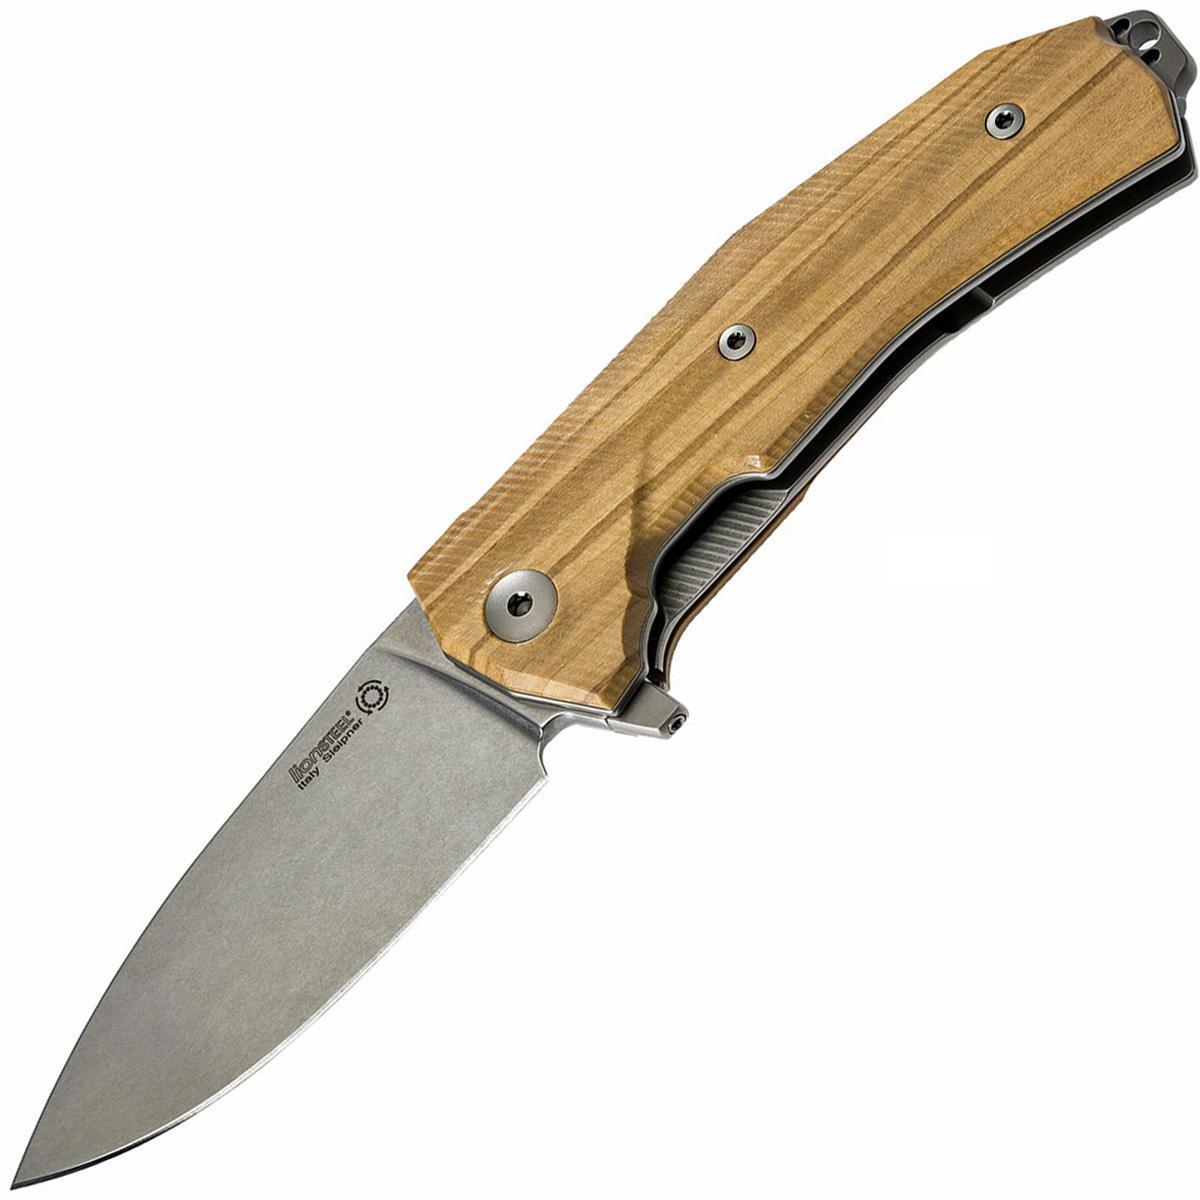 Нож складной LionSteel KUR UL Olive Wood Flipper, сталь Uddeholm Sleipner®, рукоять оливковое дерево